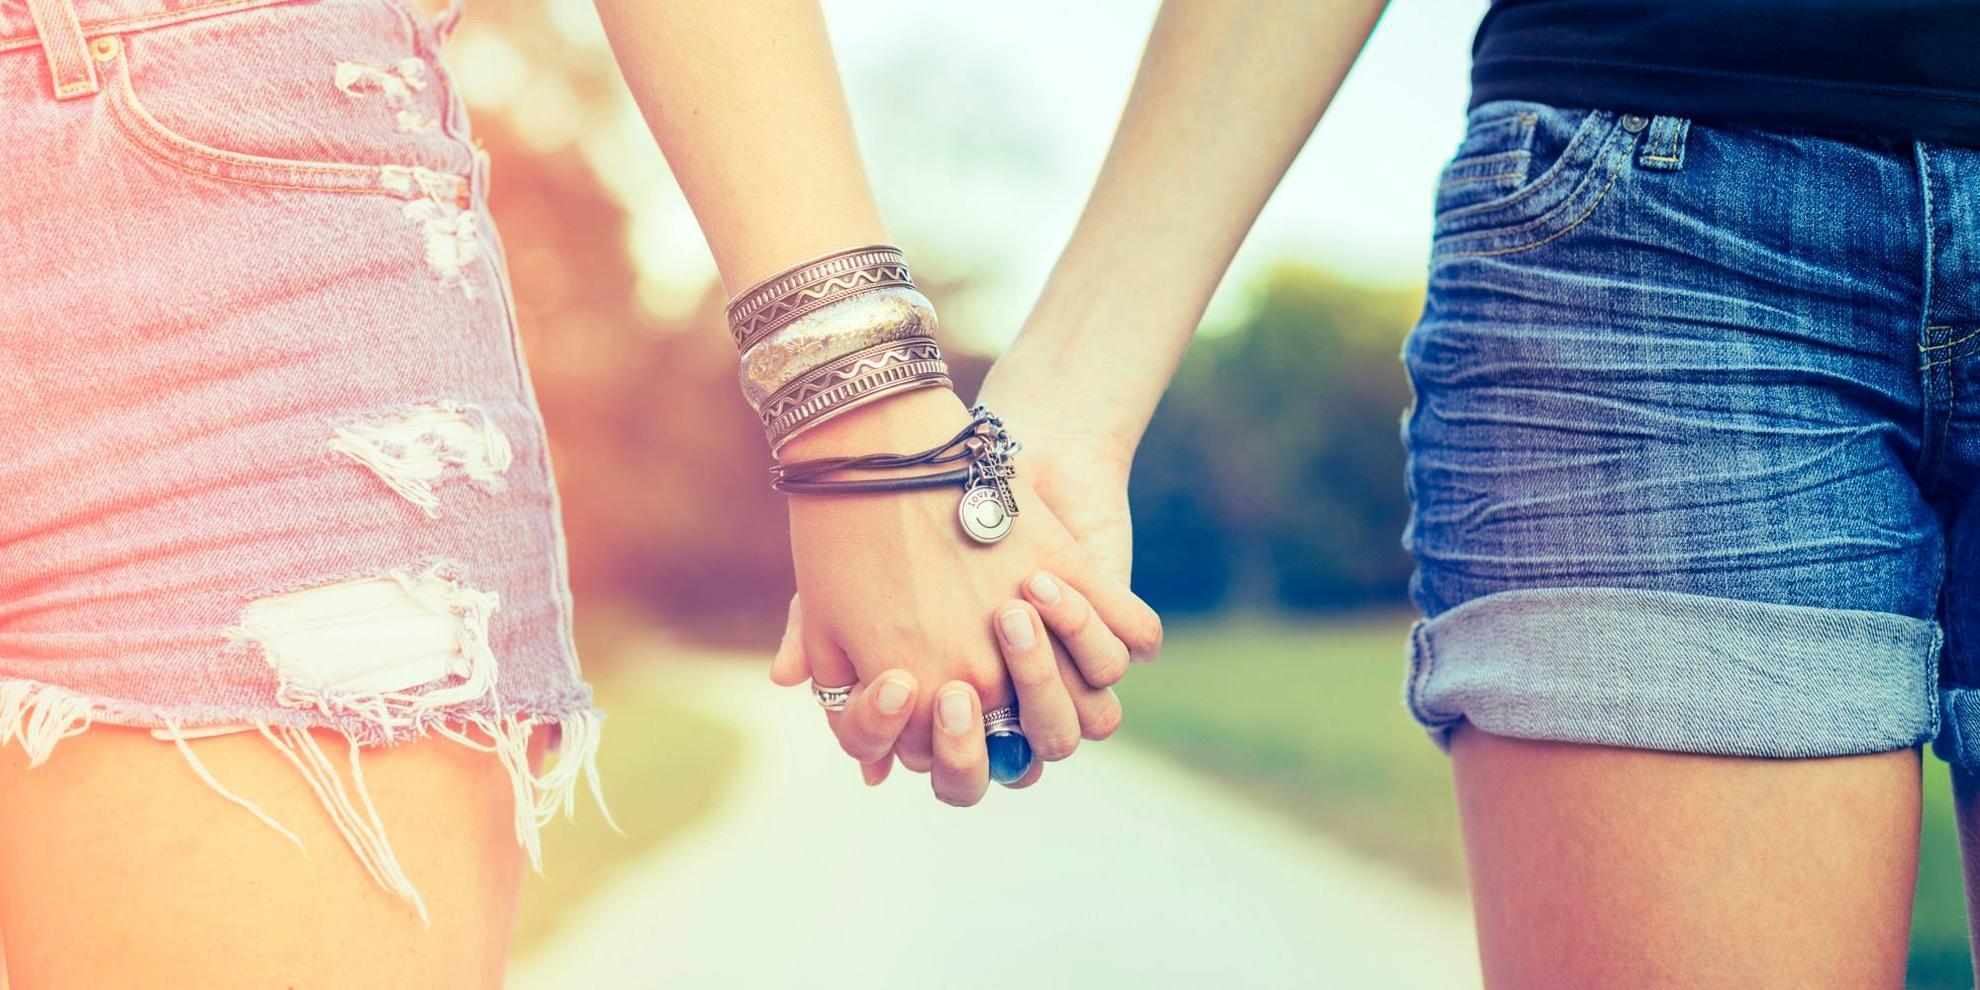 Картинки две девочки держатся за руки, славянском